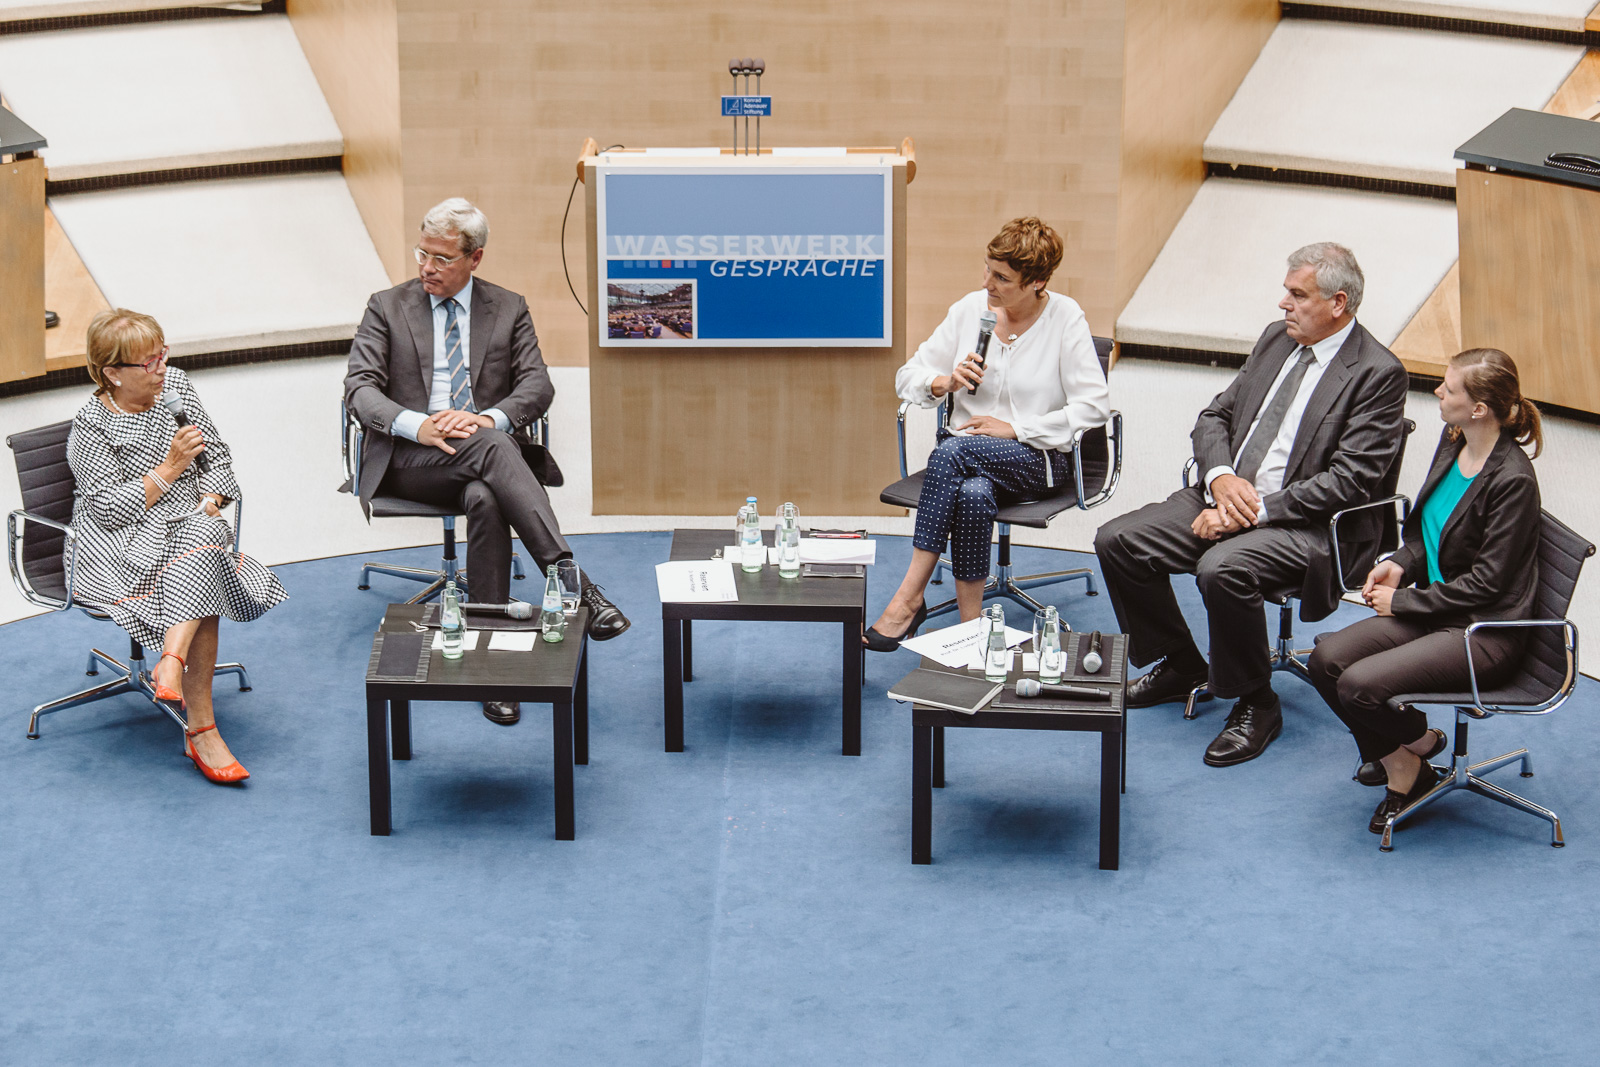 Fotografin Bonn - Dr. Norbert Röttgen - Wasserwerkgespräch der Konrad-Adenauer-Stifung - Gesprächsrunde